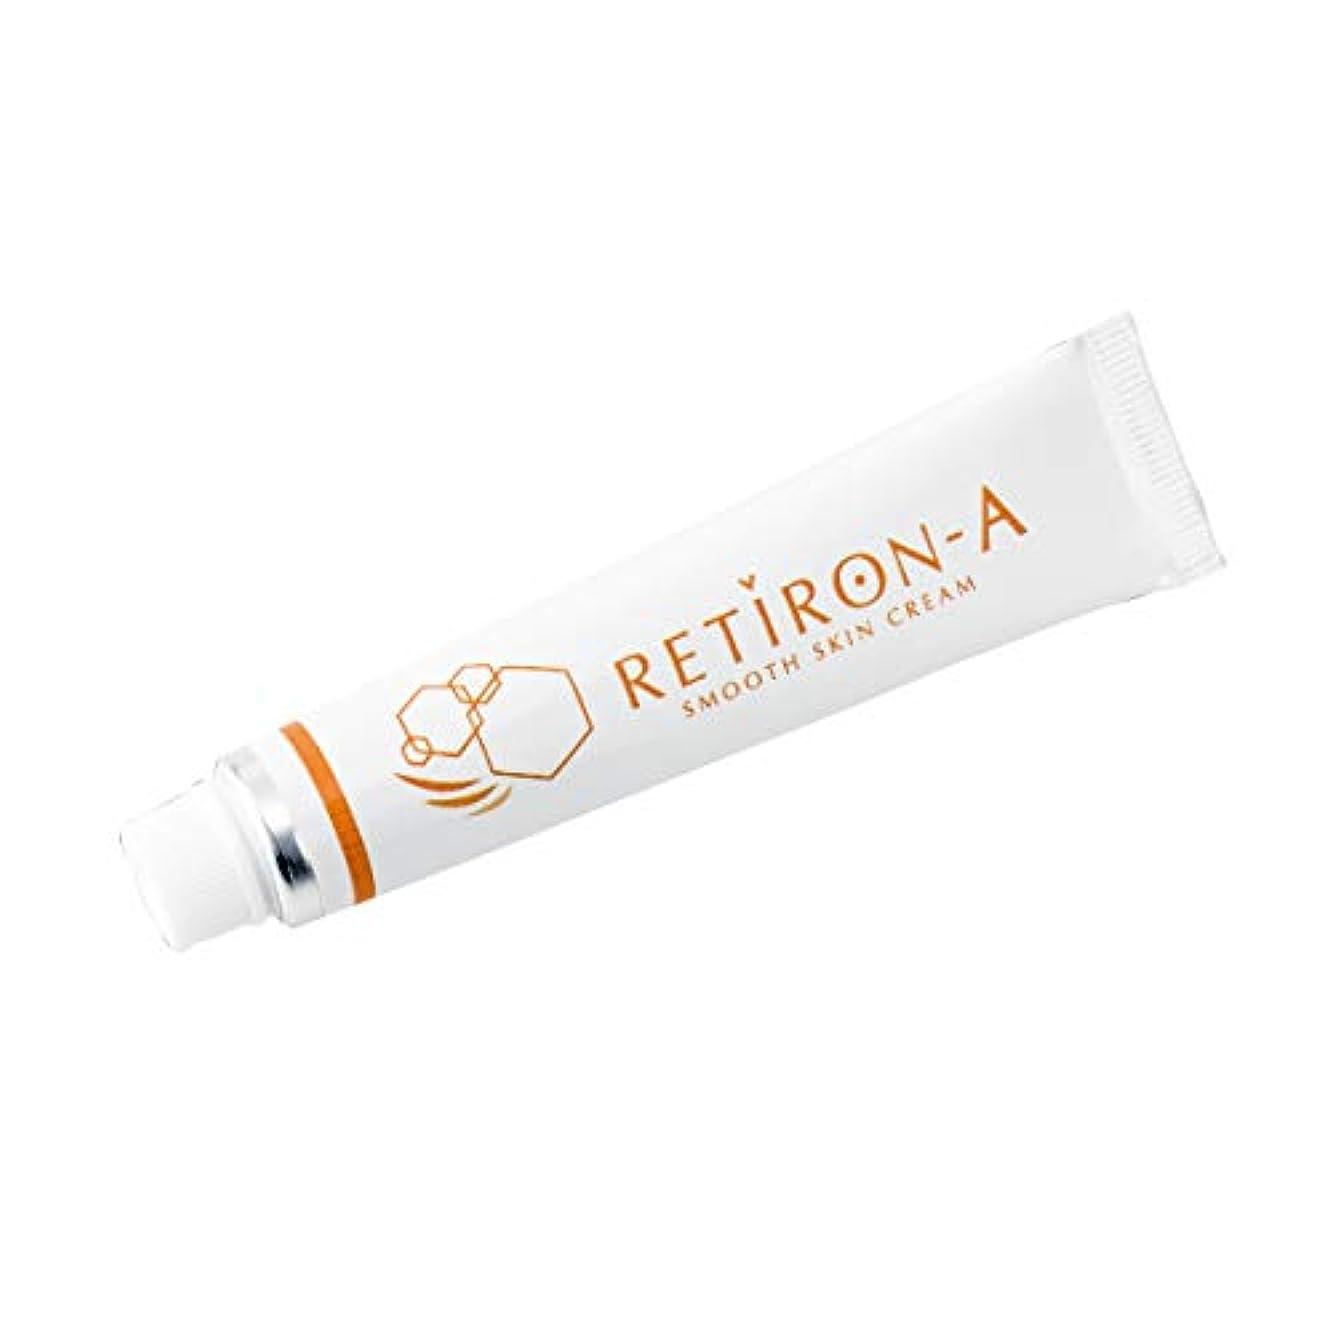 頭デザート満員クリーム 化粧品 レチノール配合 レチロンA パラベンフリー